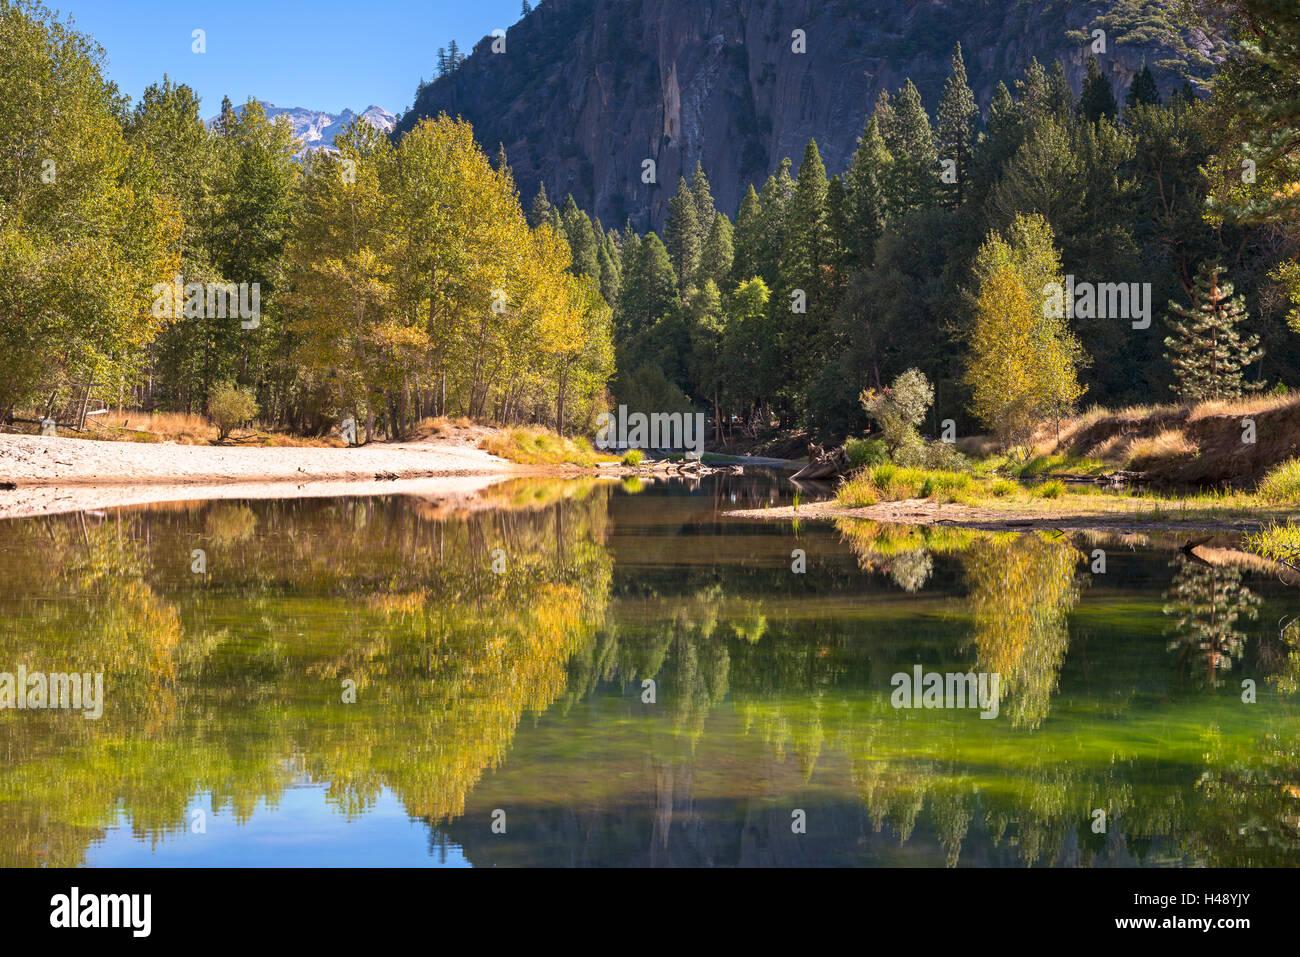 Les arbres aux couleurs automnales le fleuve Merced à Yosemite Valley, Californie, USA. L'automne (octobre) Photo Stock